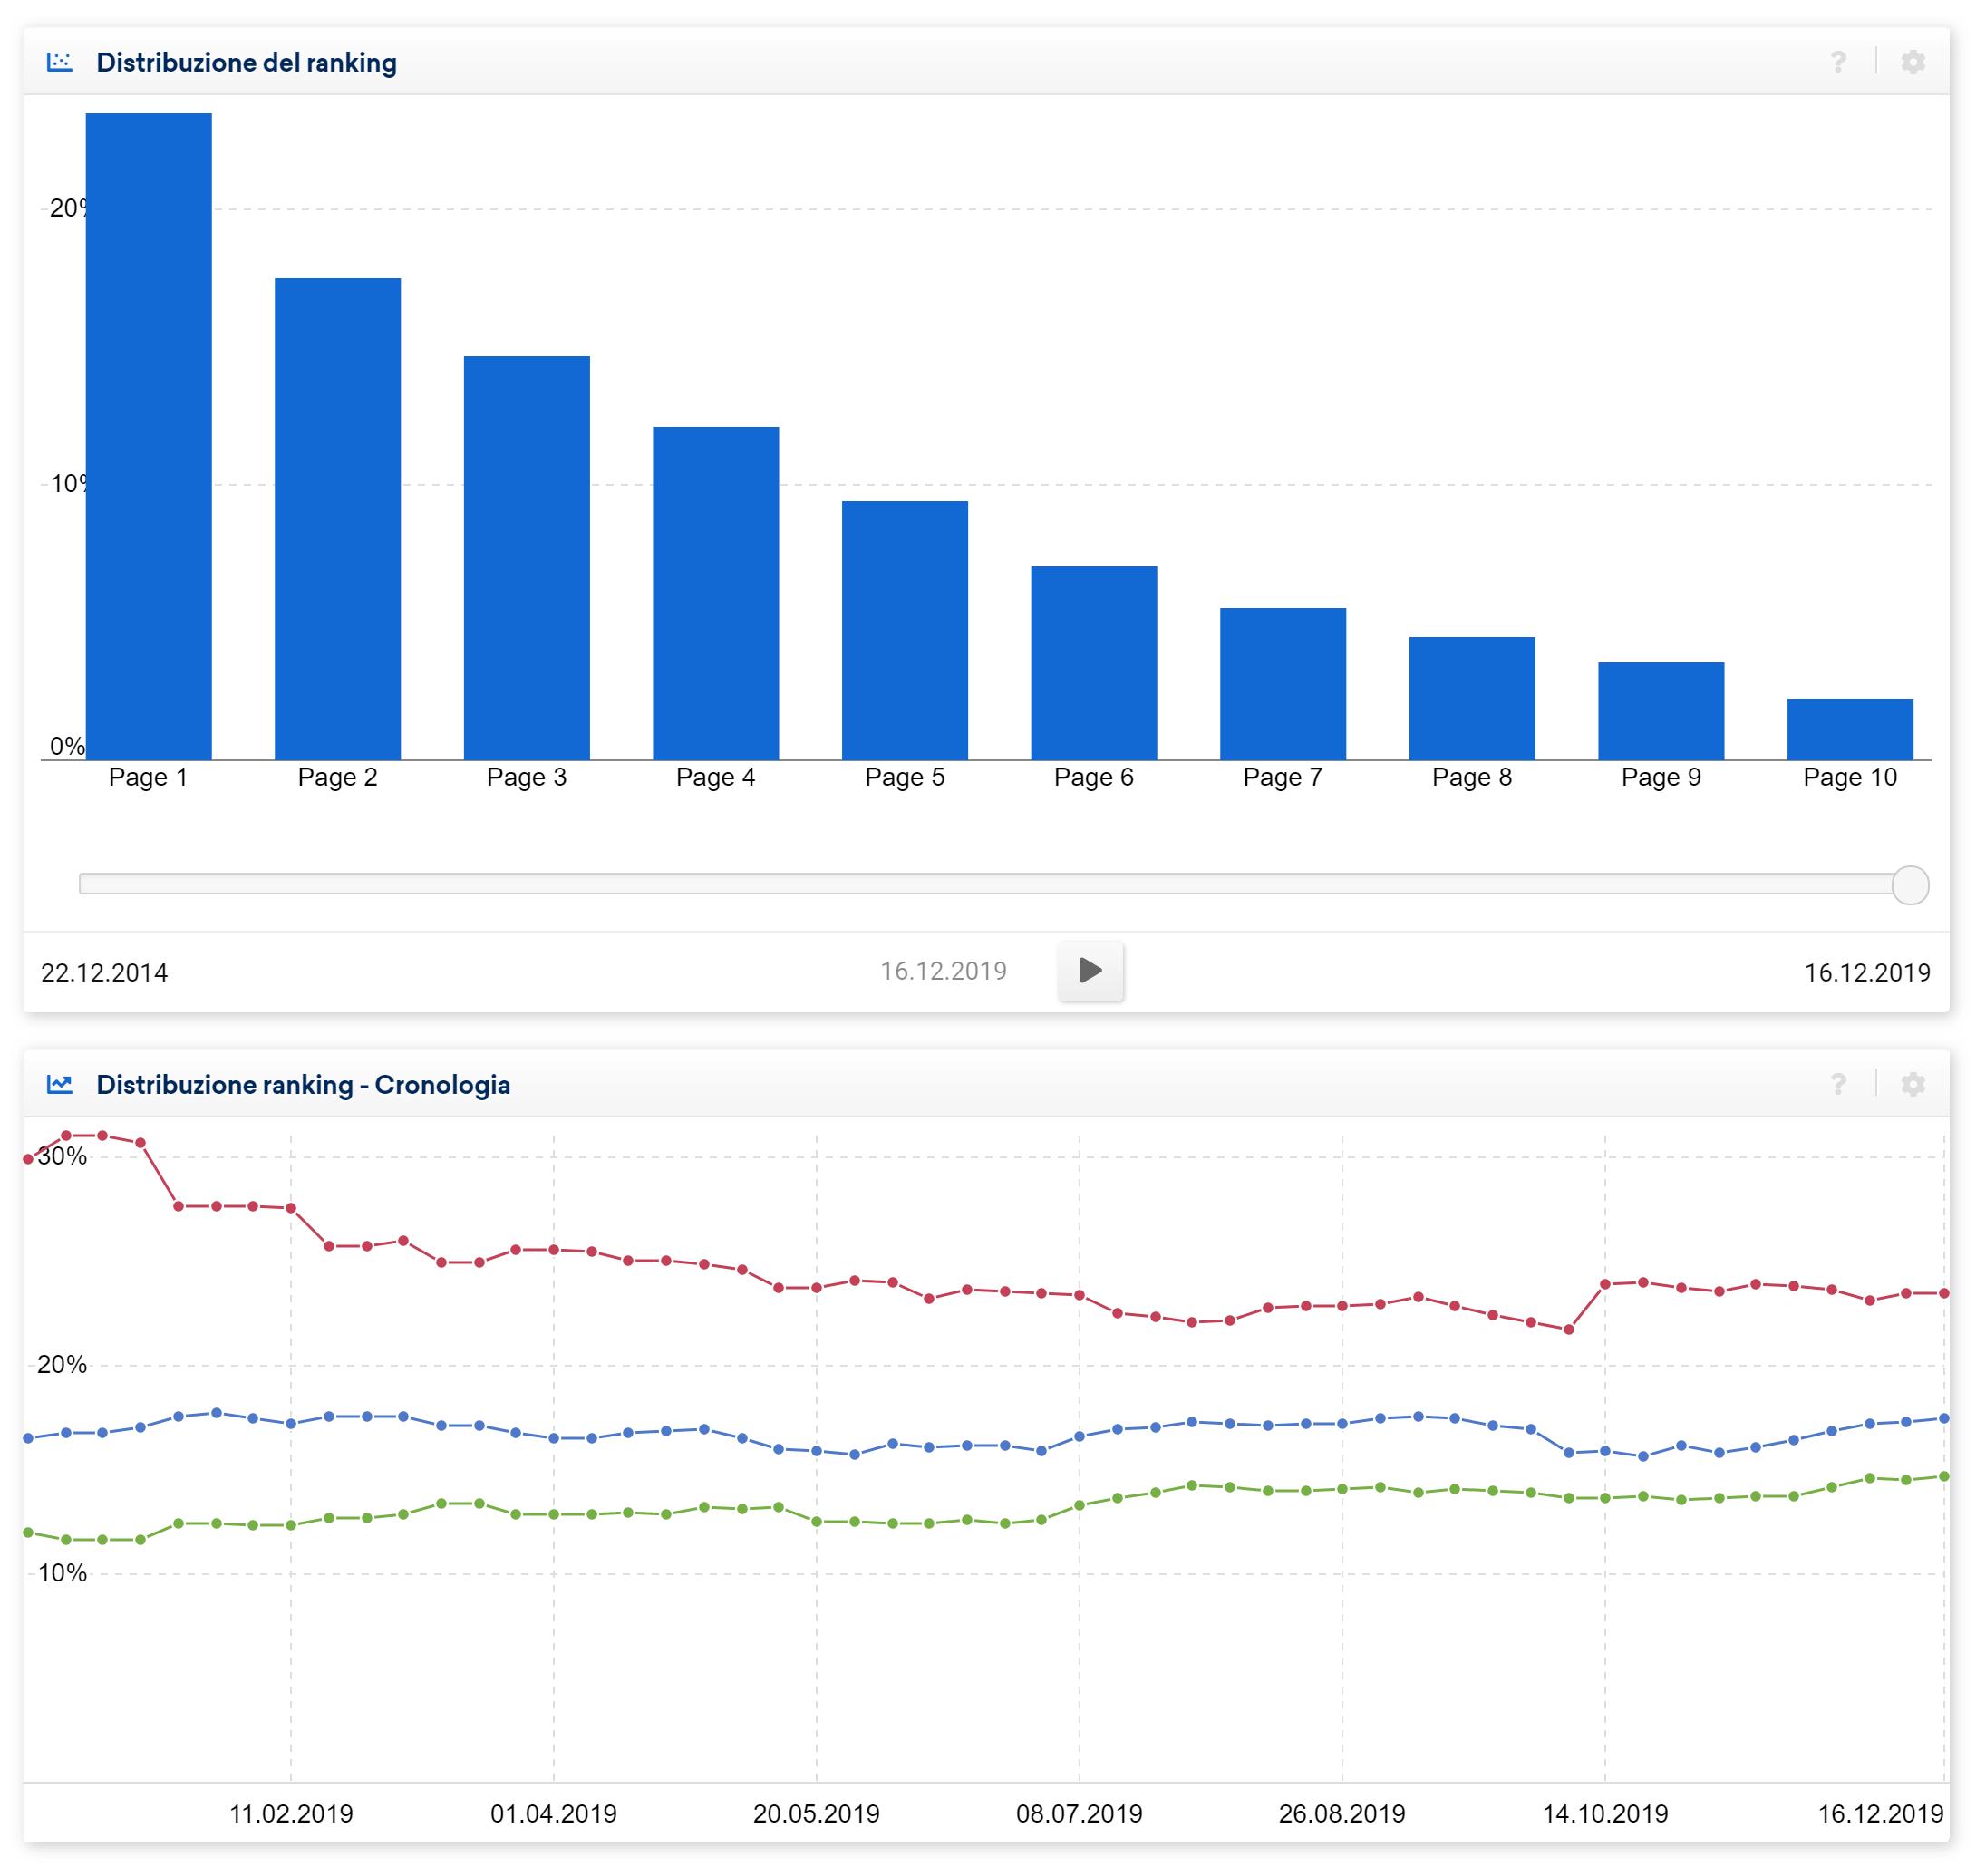 Grafico della distribuzione del ranking in percentuale: non sembra esserci nessun cambiamento per il dominio